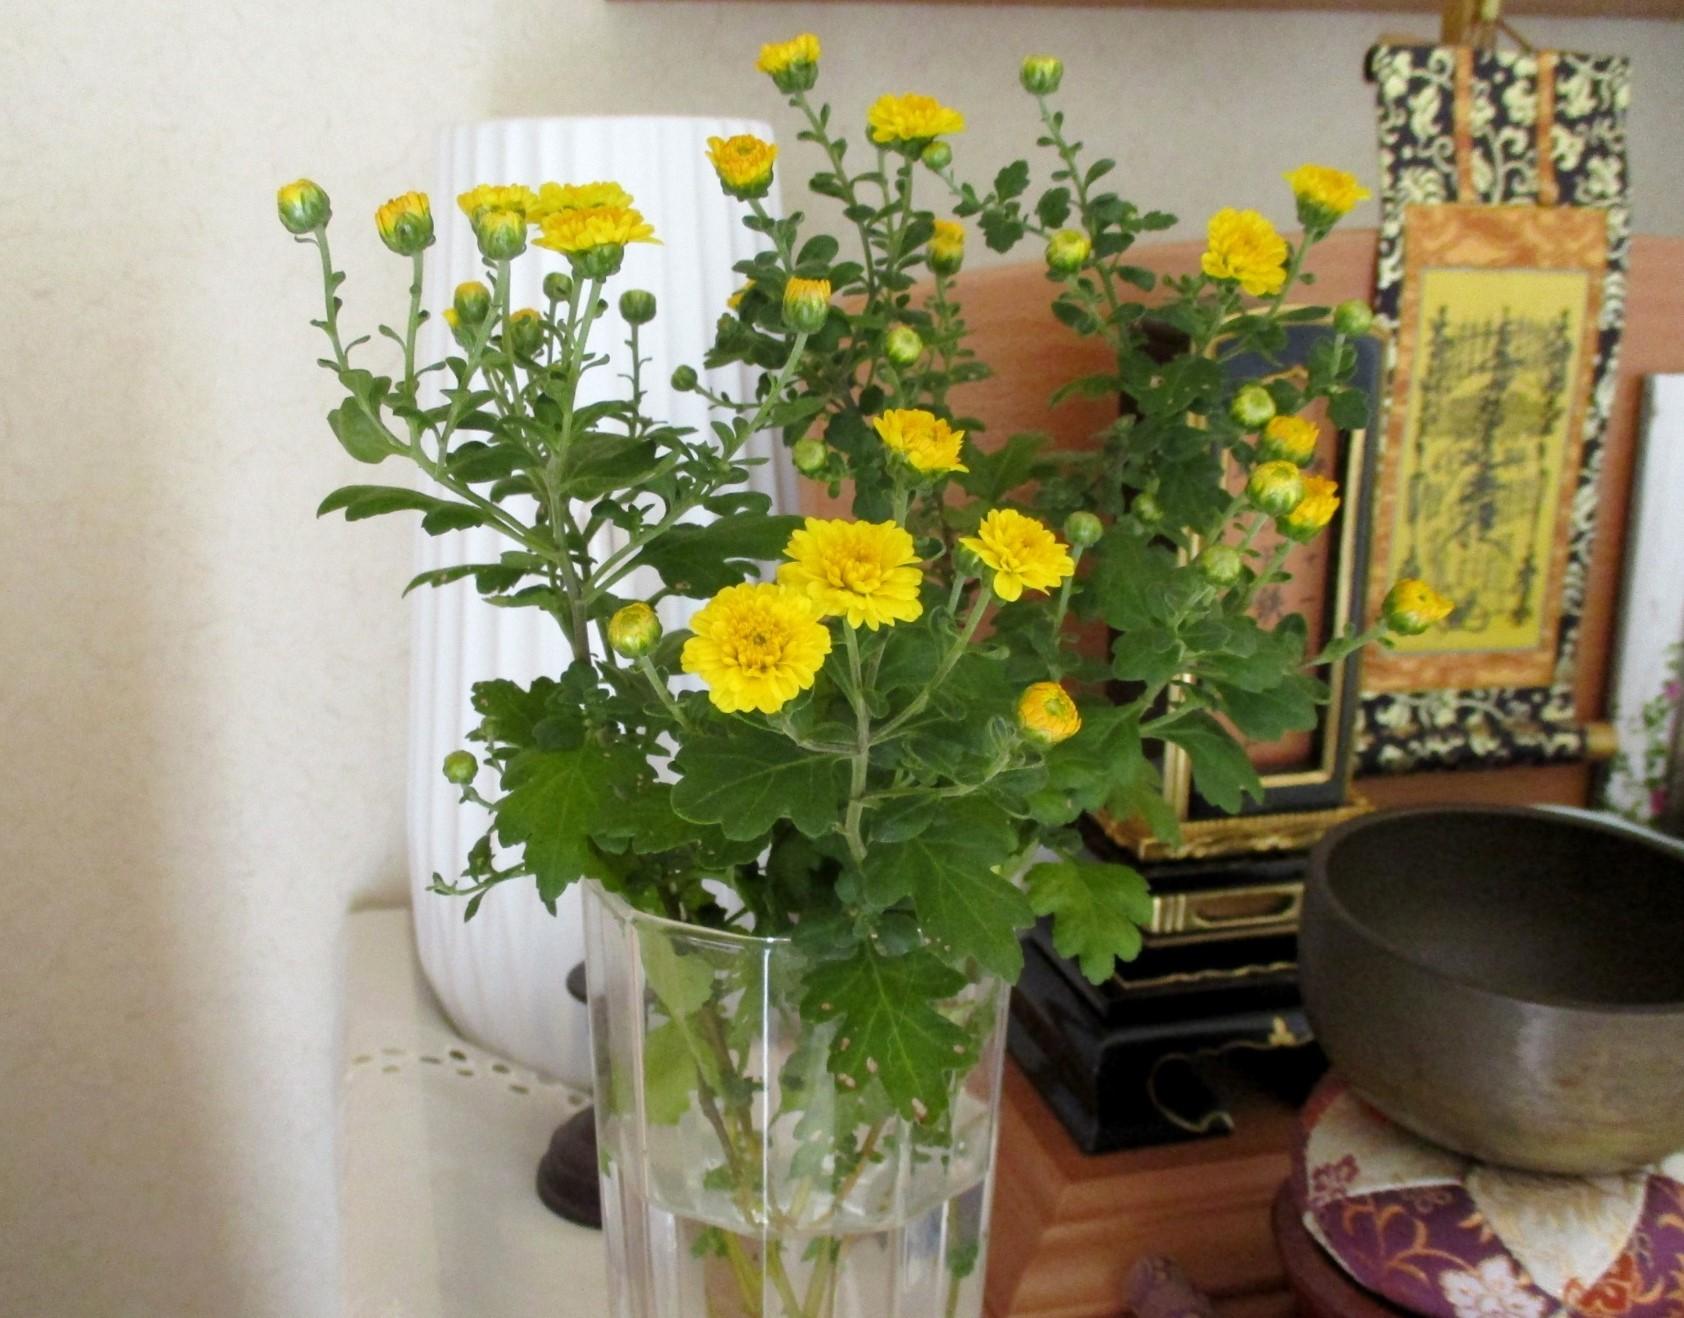 菊が咲いたよ&エコー検査結果_e0200101_16463715.jpg